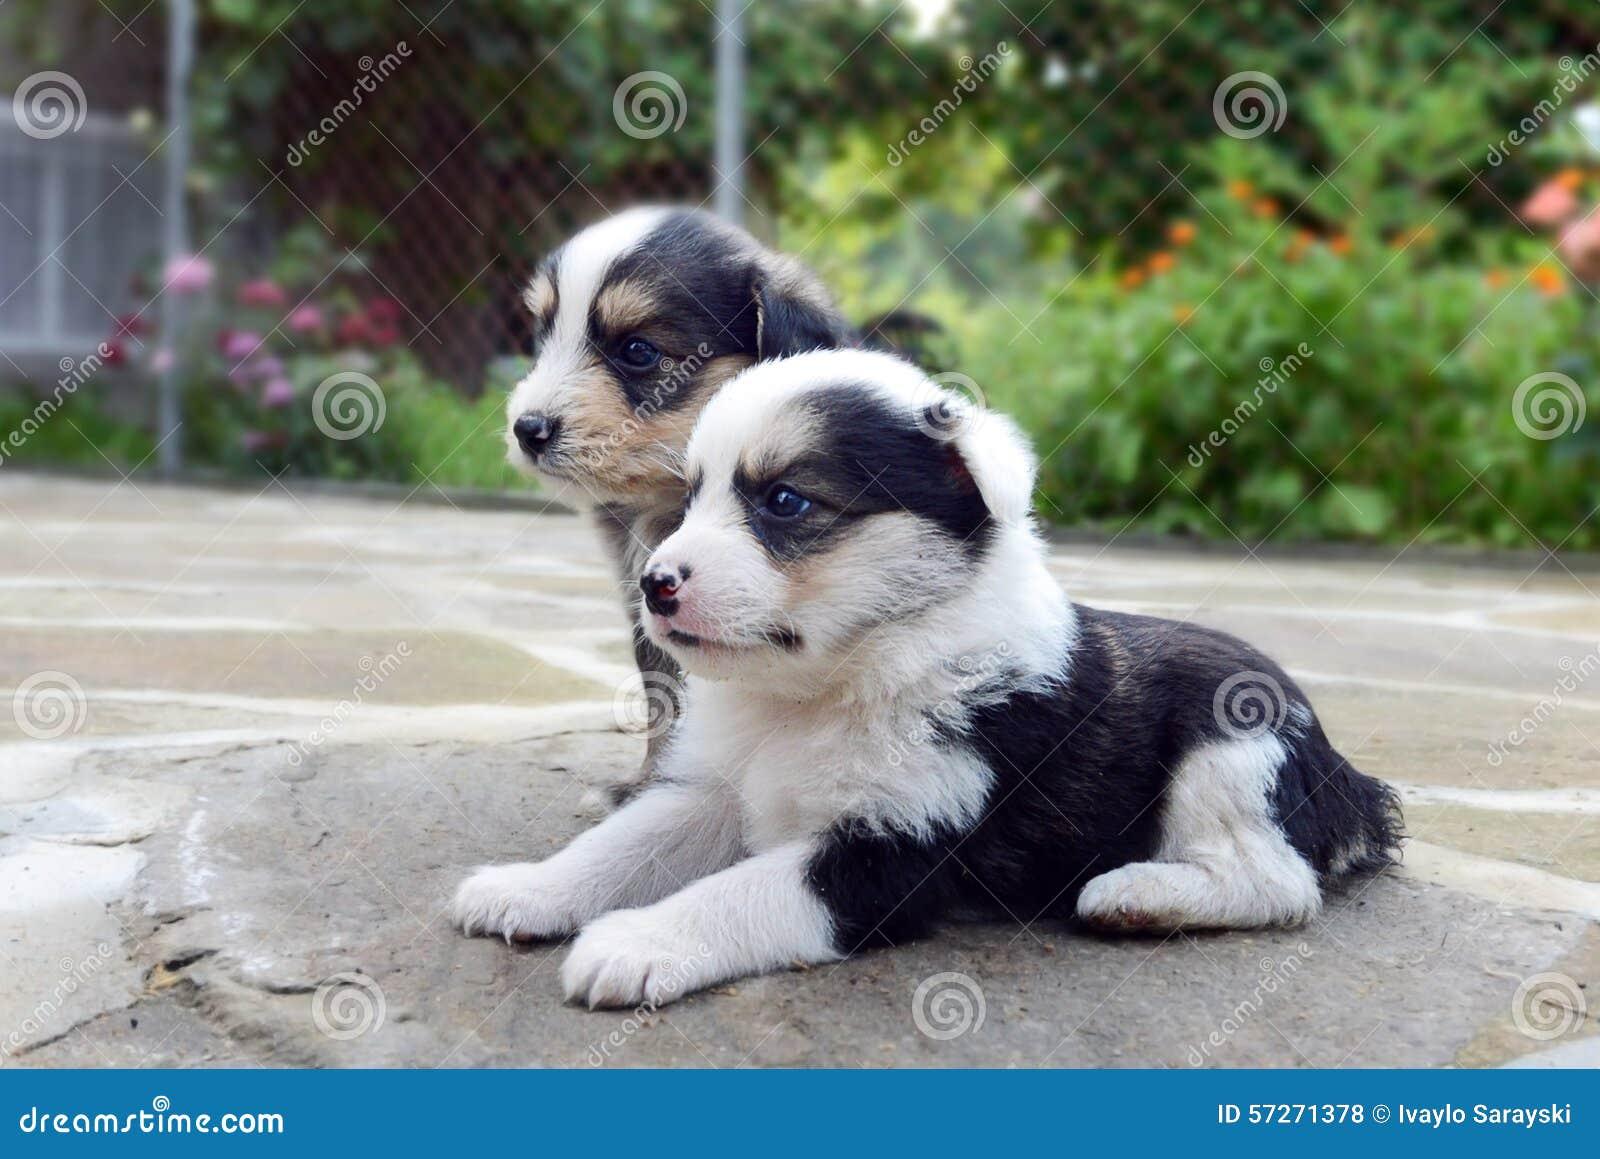 Kleine Hondenras  Beste waakhonden alletop lijstjes  Hondenrassen fox terri r draadhaar litle